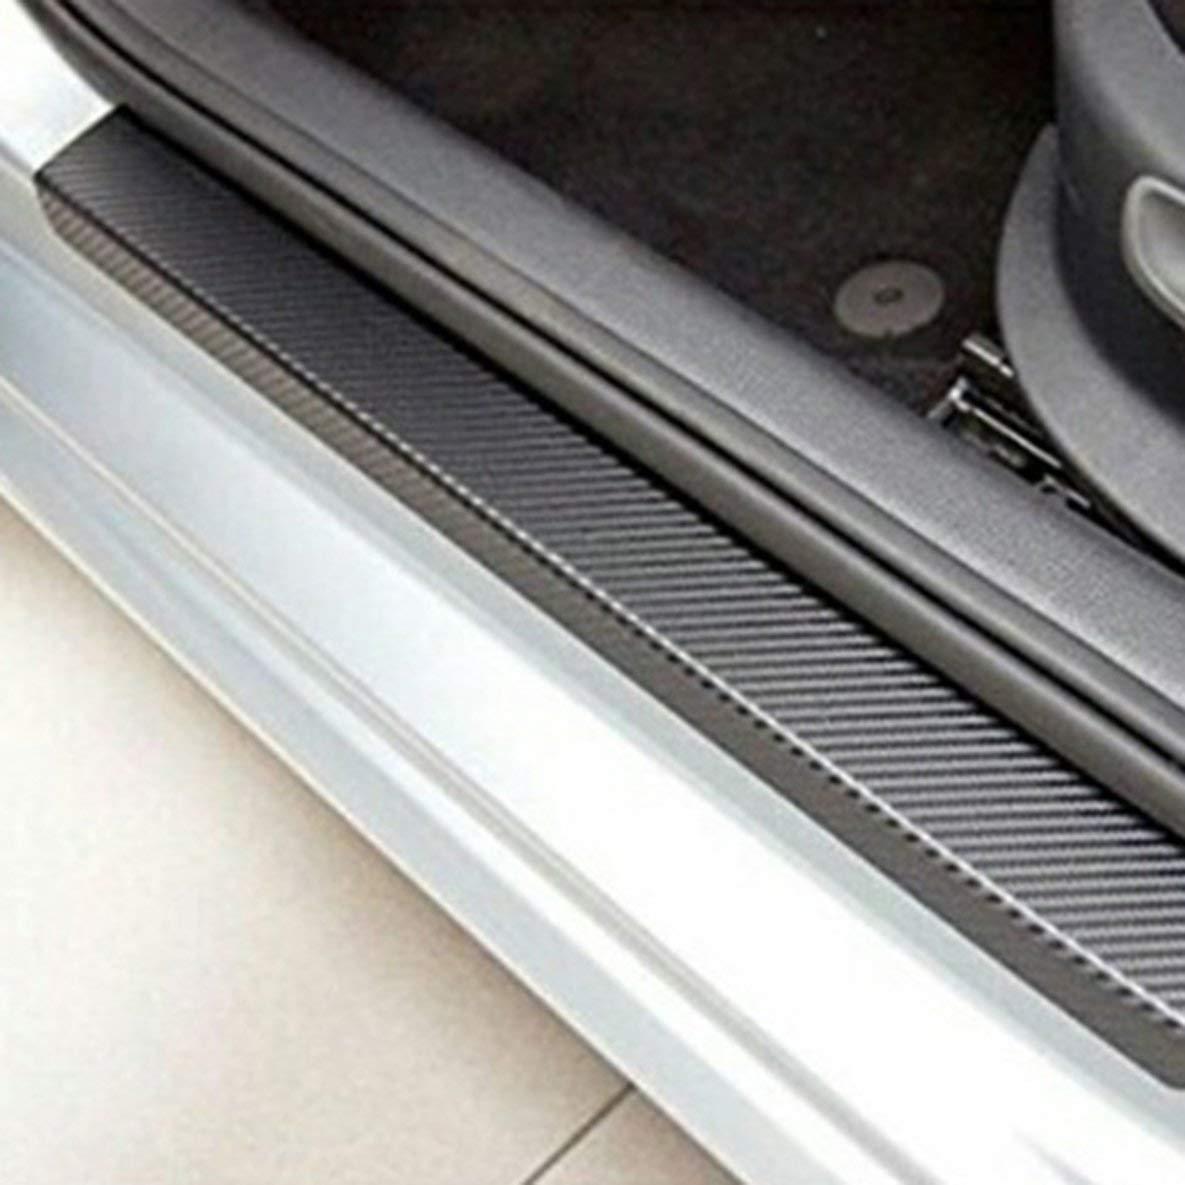 Noradtjcca 3D-Auto-T/ür-Schutzstreifen Kratzschutz Car Crash Barriers T/ür Wache Kollision Carbon-Faser-Auto-Aufkleber